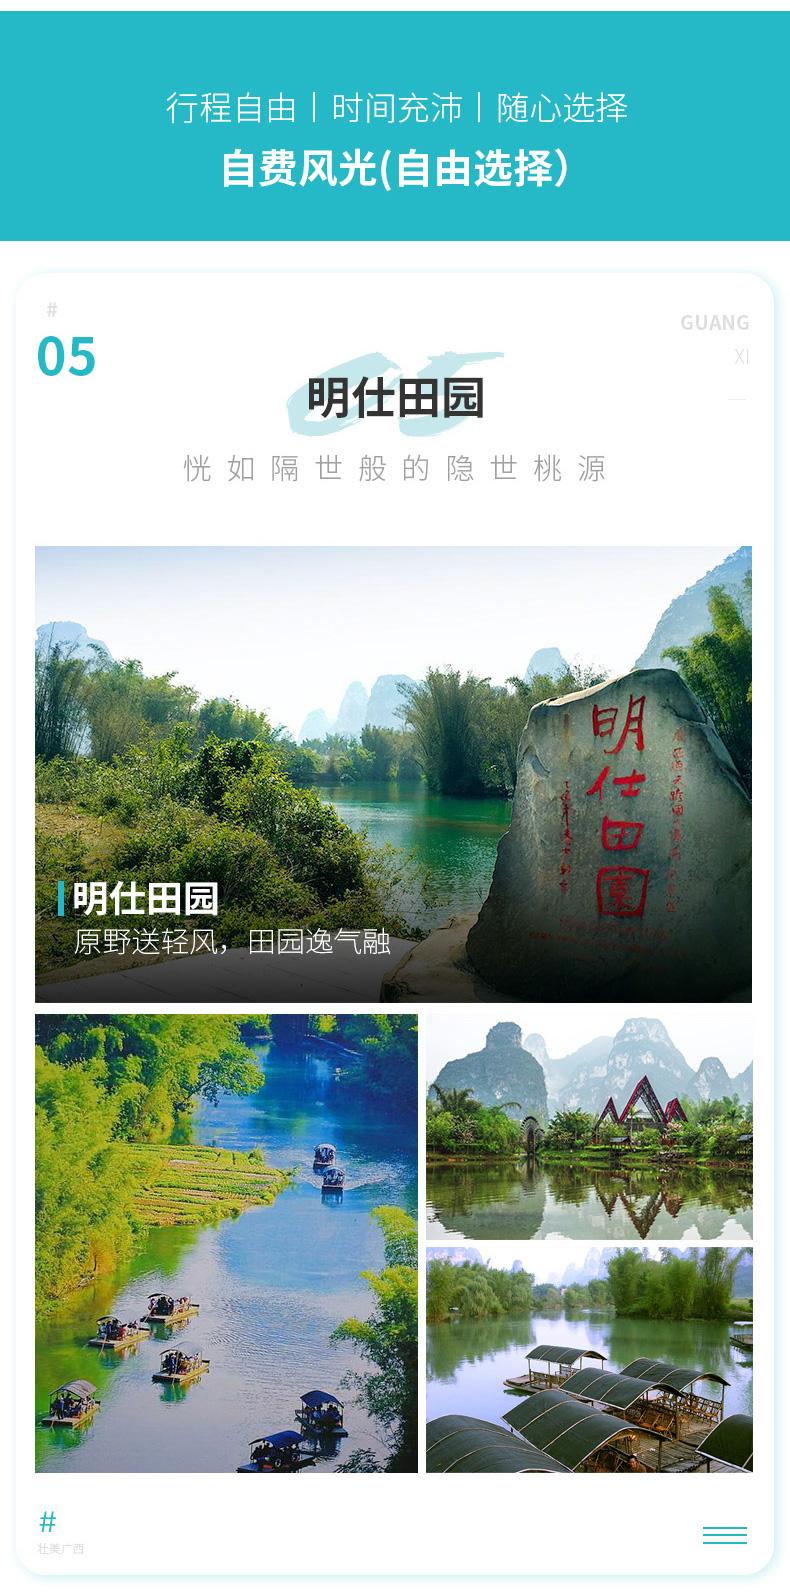 德天-古龙-2日游-小程序版本_06.jpg